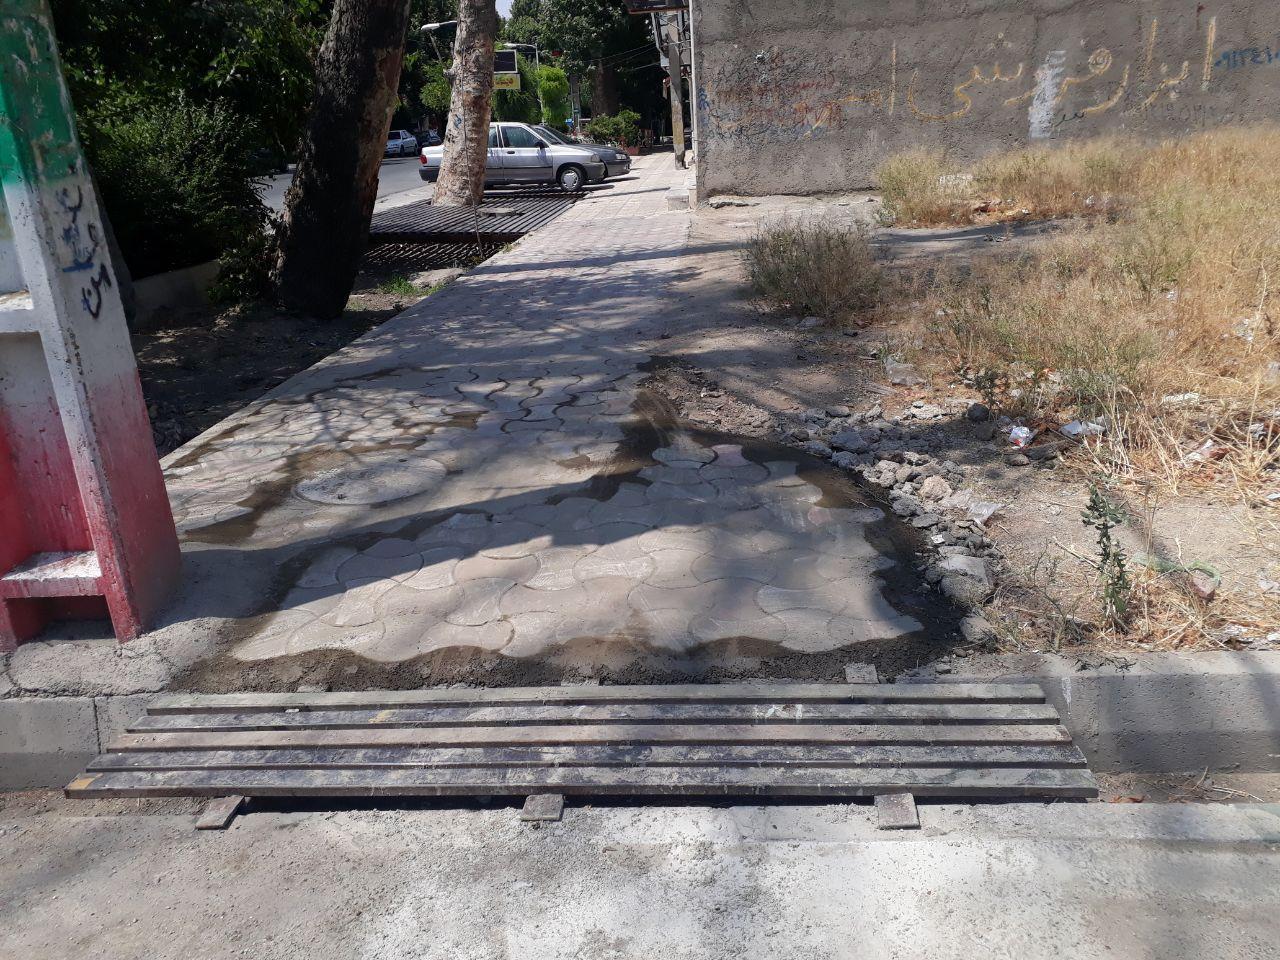 ترمیم سنگفرش و ساخت و نصب پل پیاده راه به سواره راه در ابتدای کوچه لاله های انقلاب اول